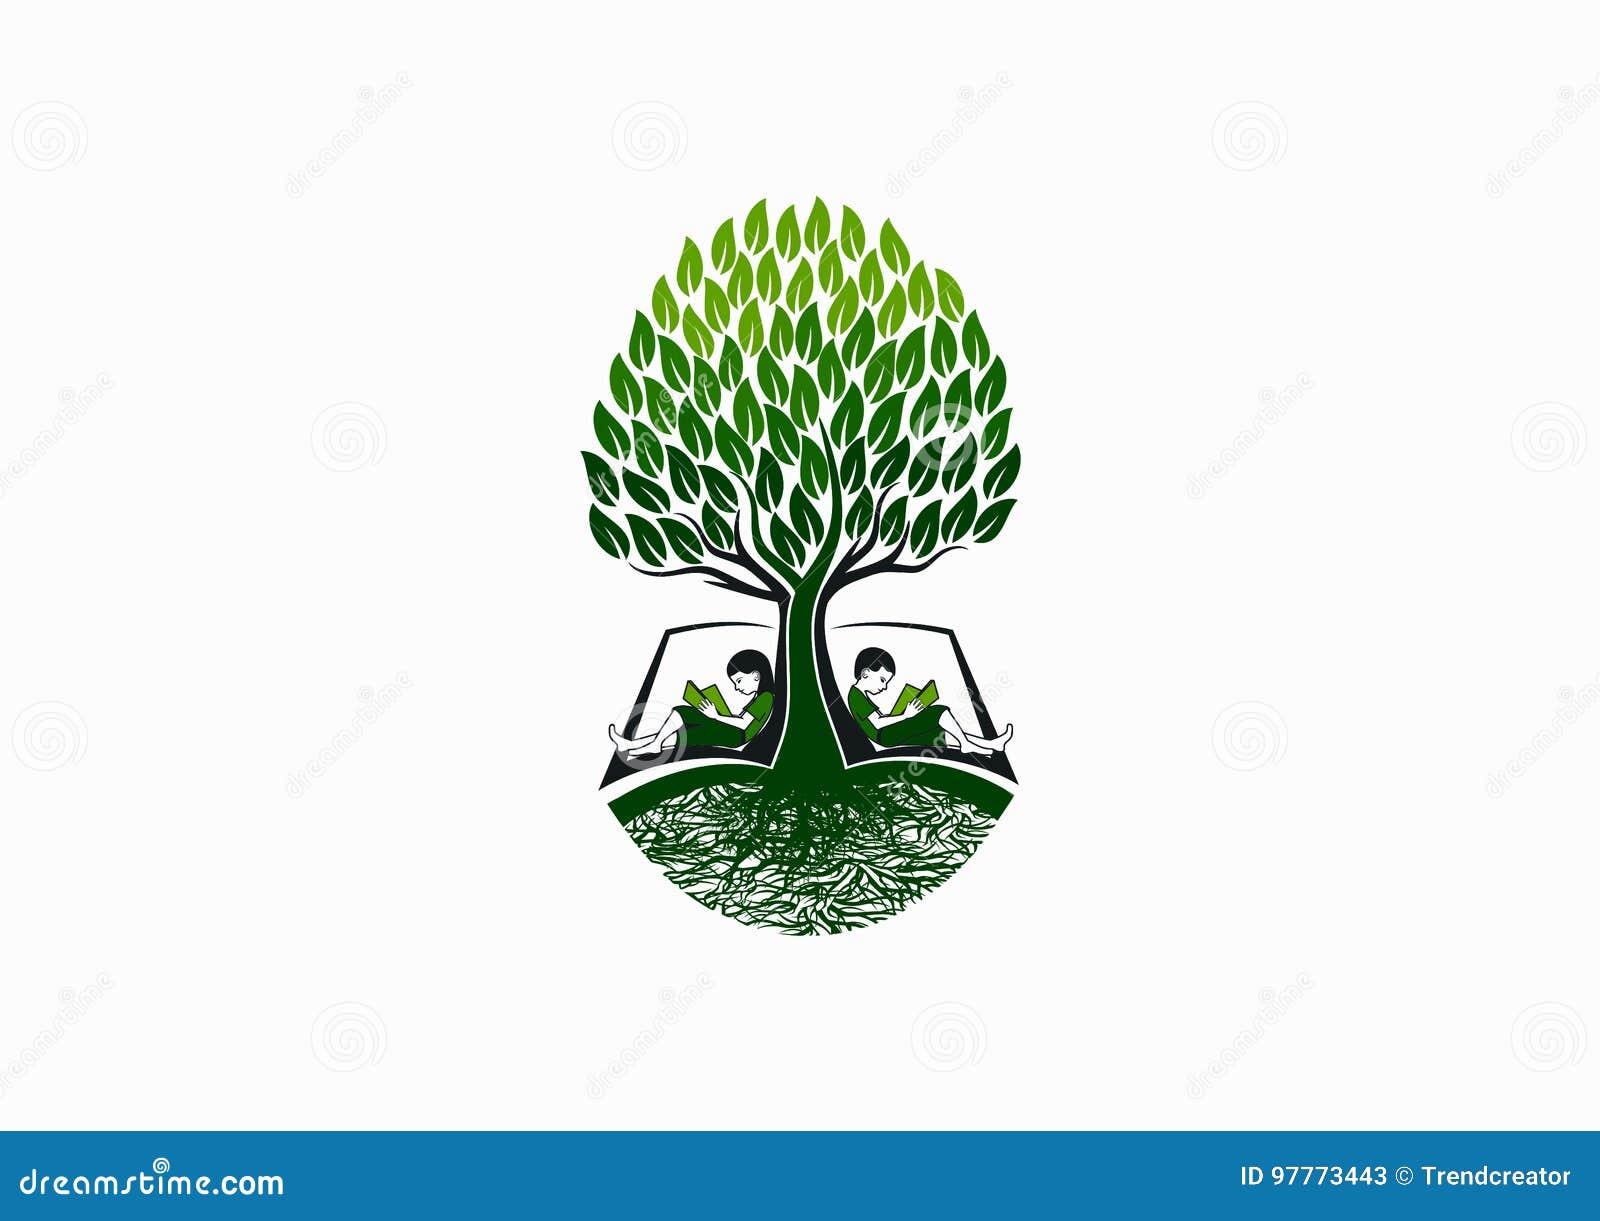 Il logo di istruzione dell albero, l icona in anticipo del lettore del libro, il simbolo di conoscenza della scuola e l infanzia